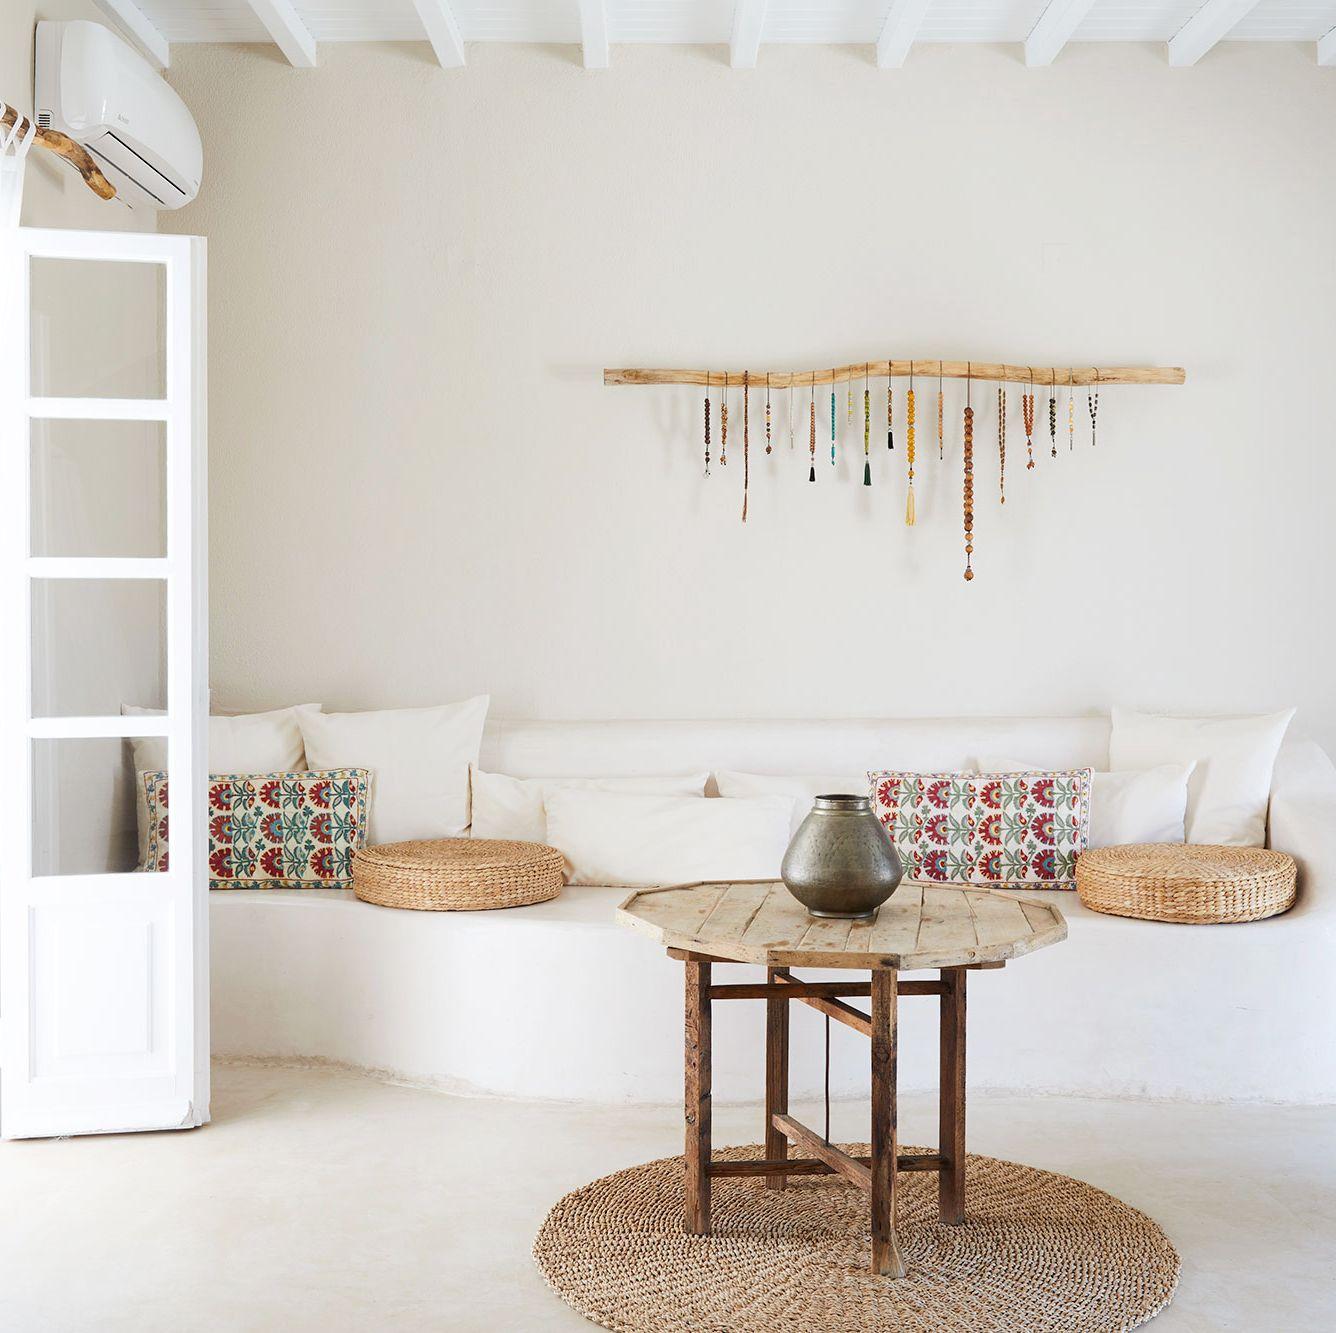 17 Best DIY Wall Decor Ideas in 2020